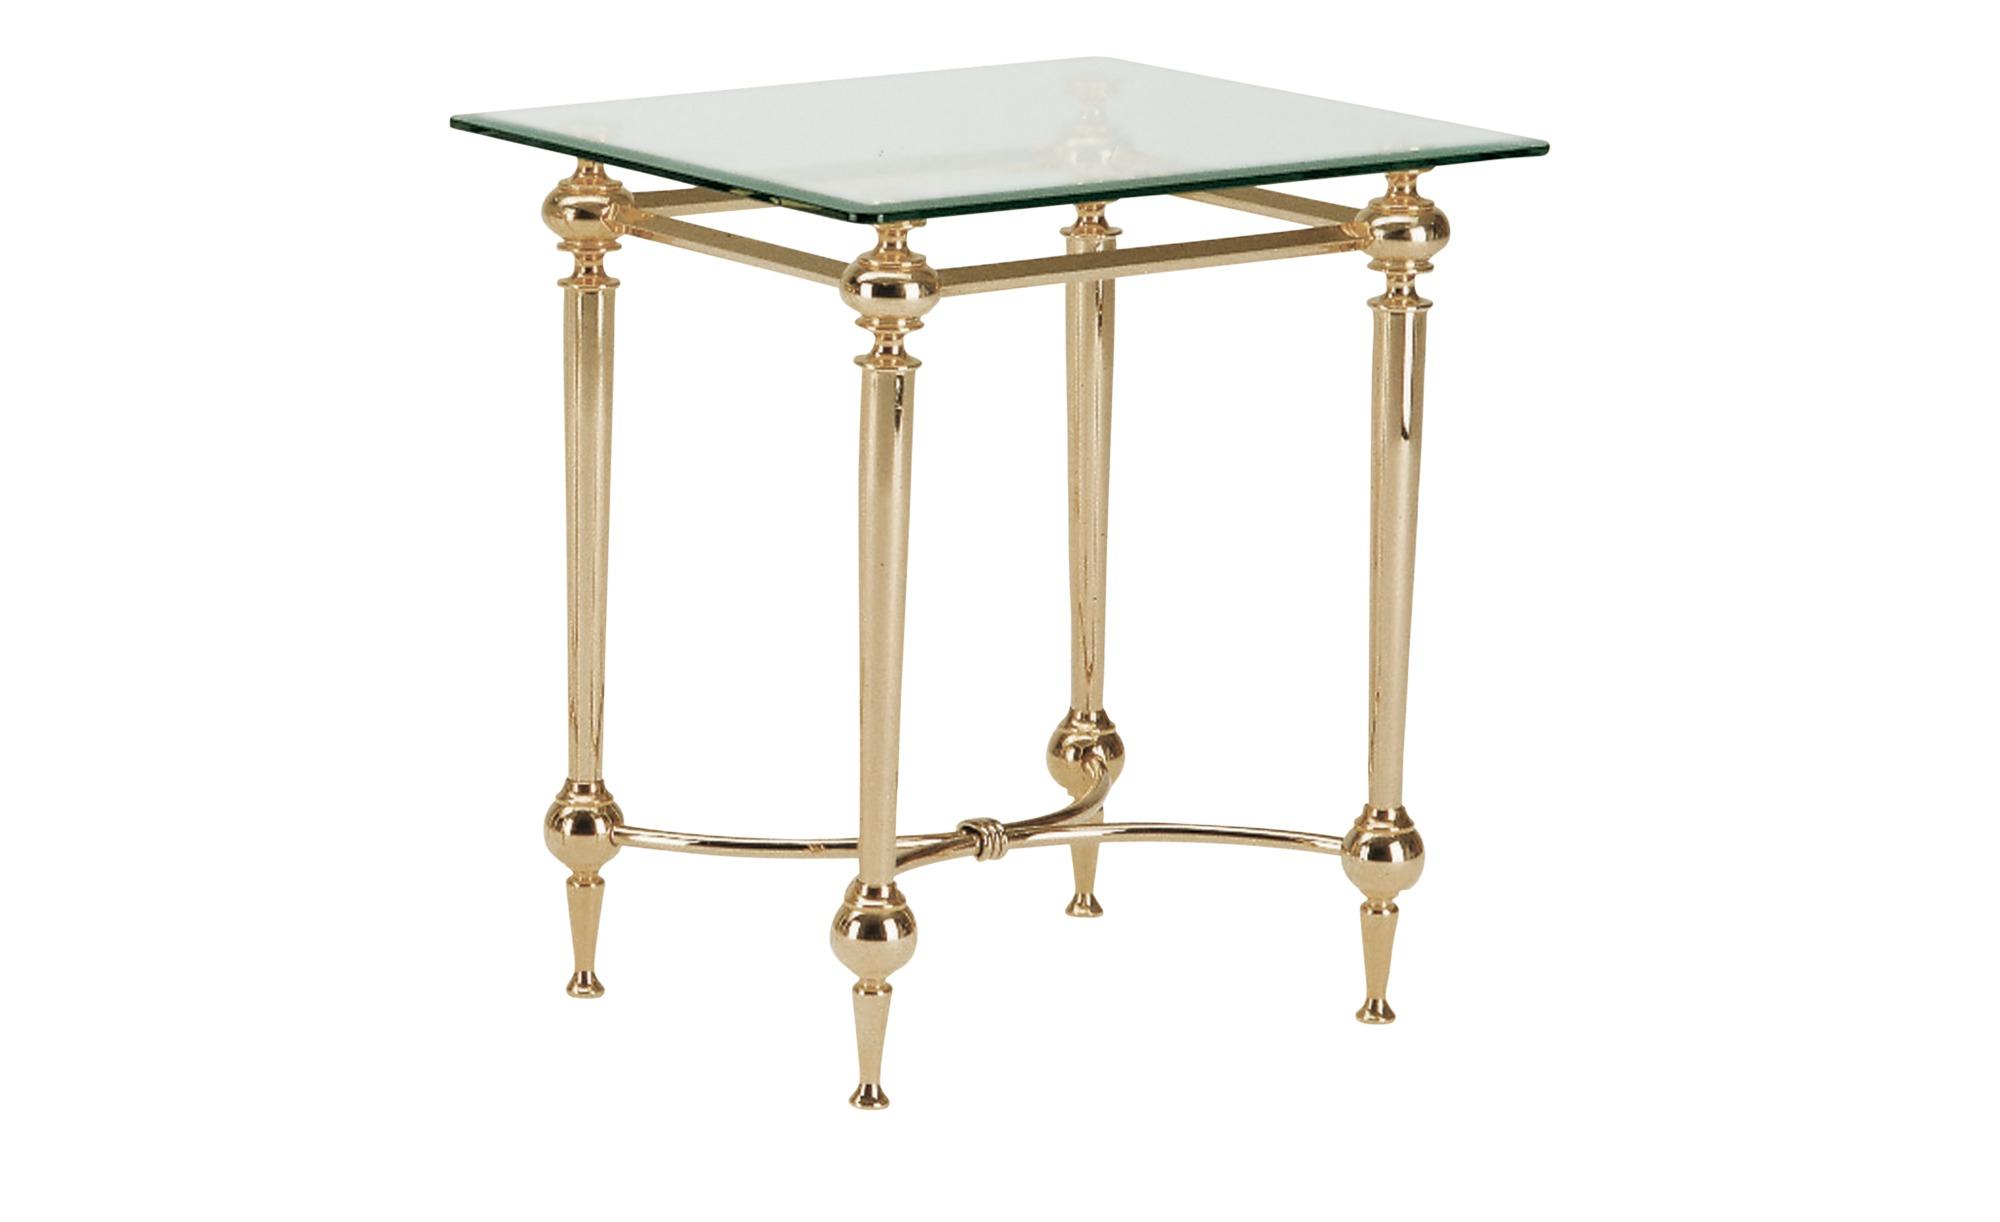 Beistelltisch   Herzogenrath ¦ gold ¦ Maße (cm): B: 43 H: 53 T: 43 Tische > Beistelltische > Beistelltische ohne Rollen - Höffner | Wohnzimmer > Tische | Möbel Höffner DE